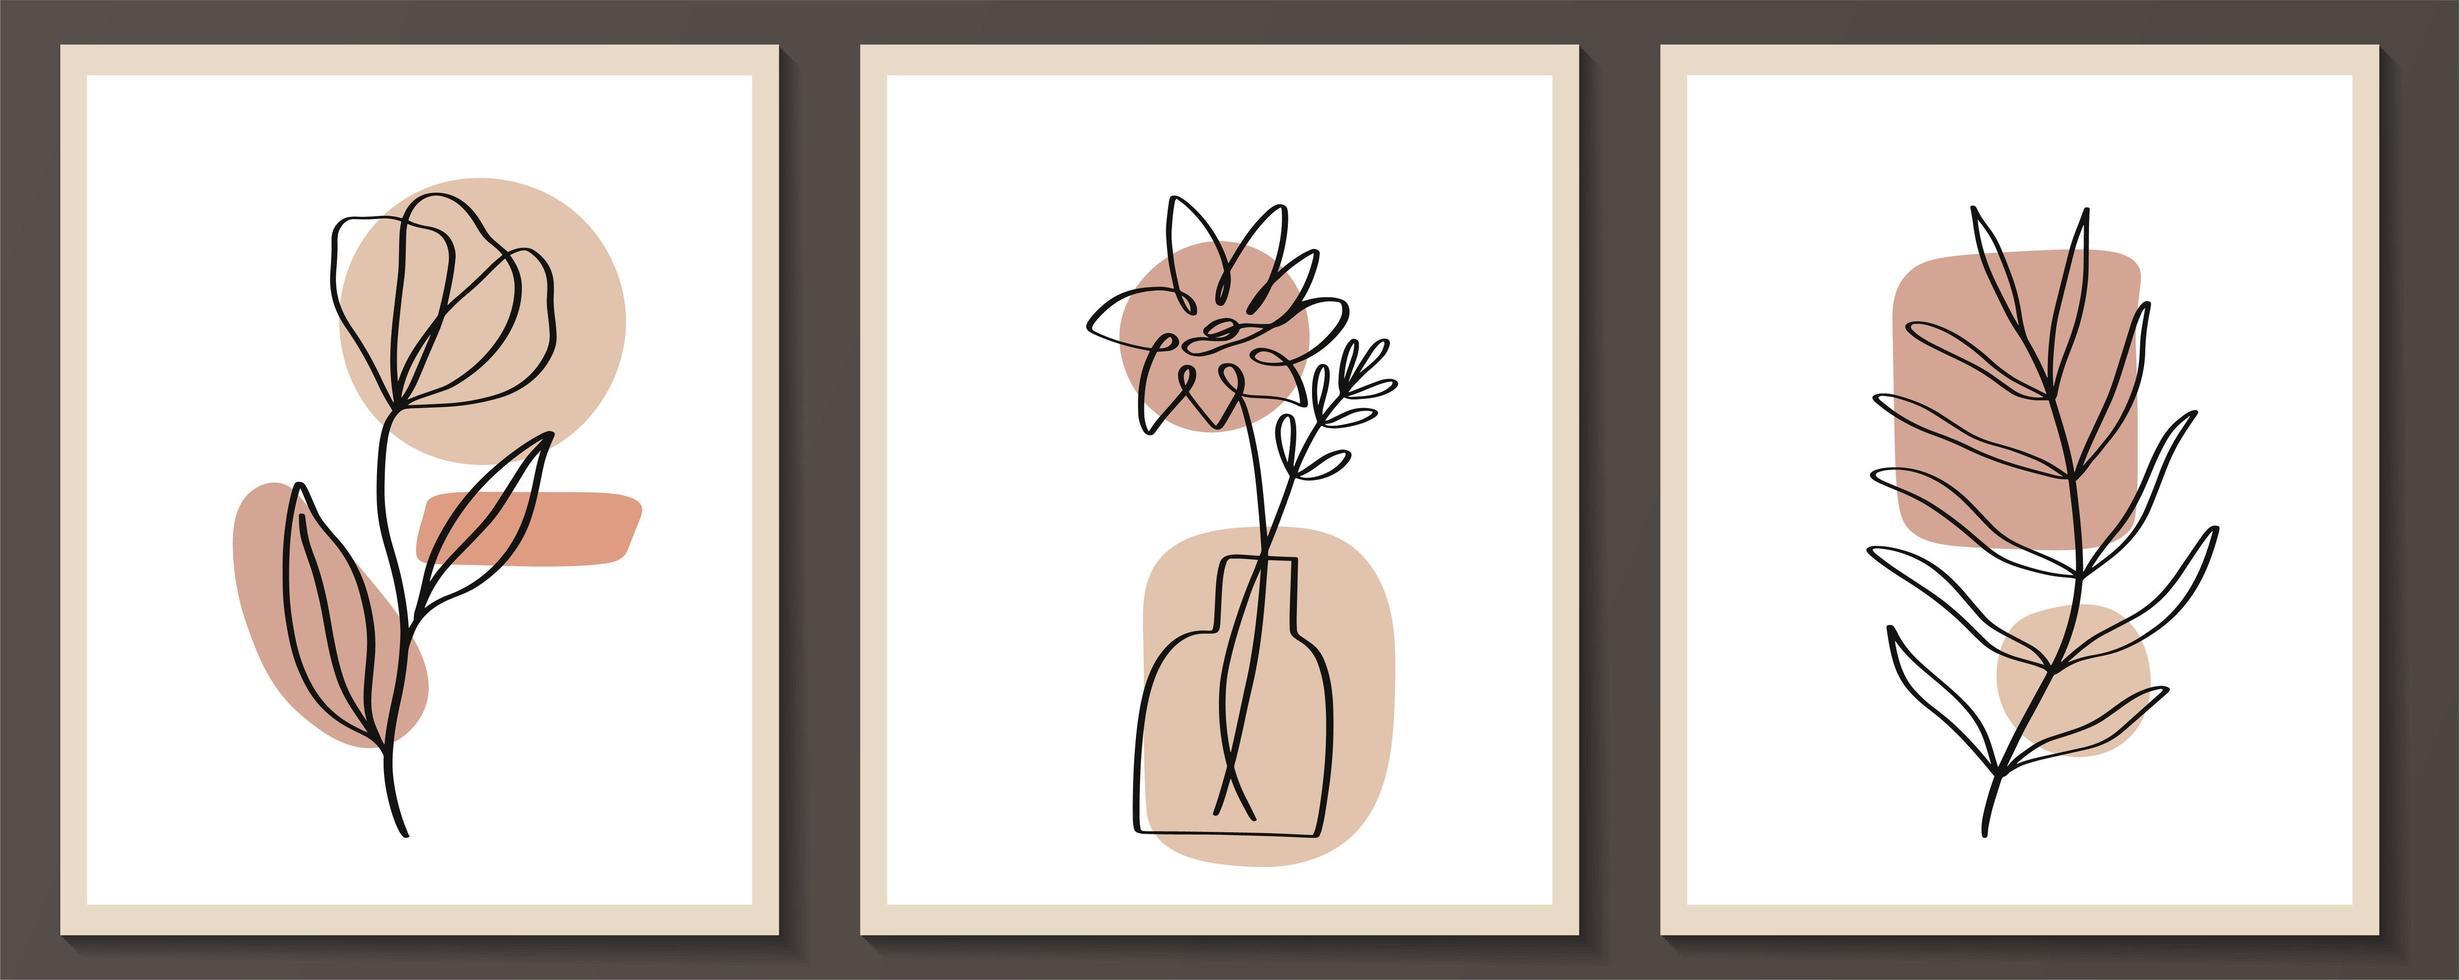 uppsättning blommor kontinuerlig konturteckningar med abstrakt form vektor